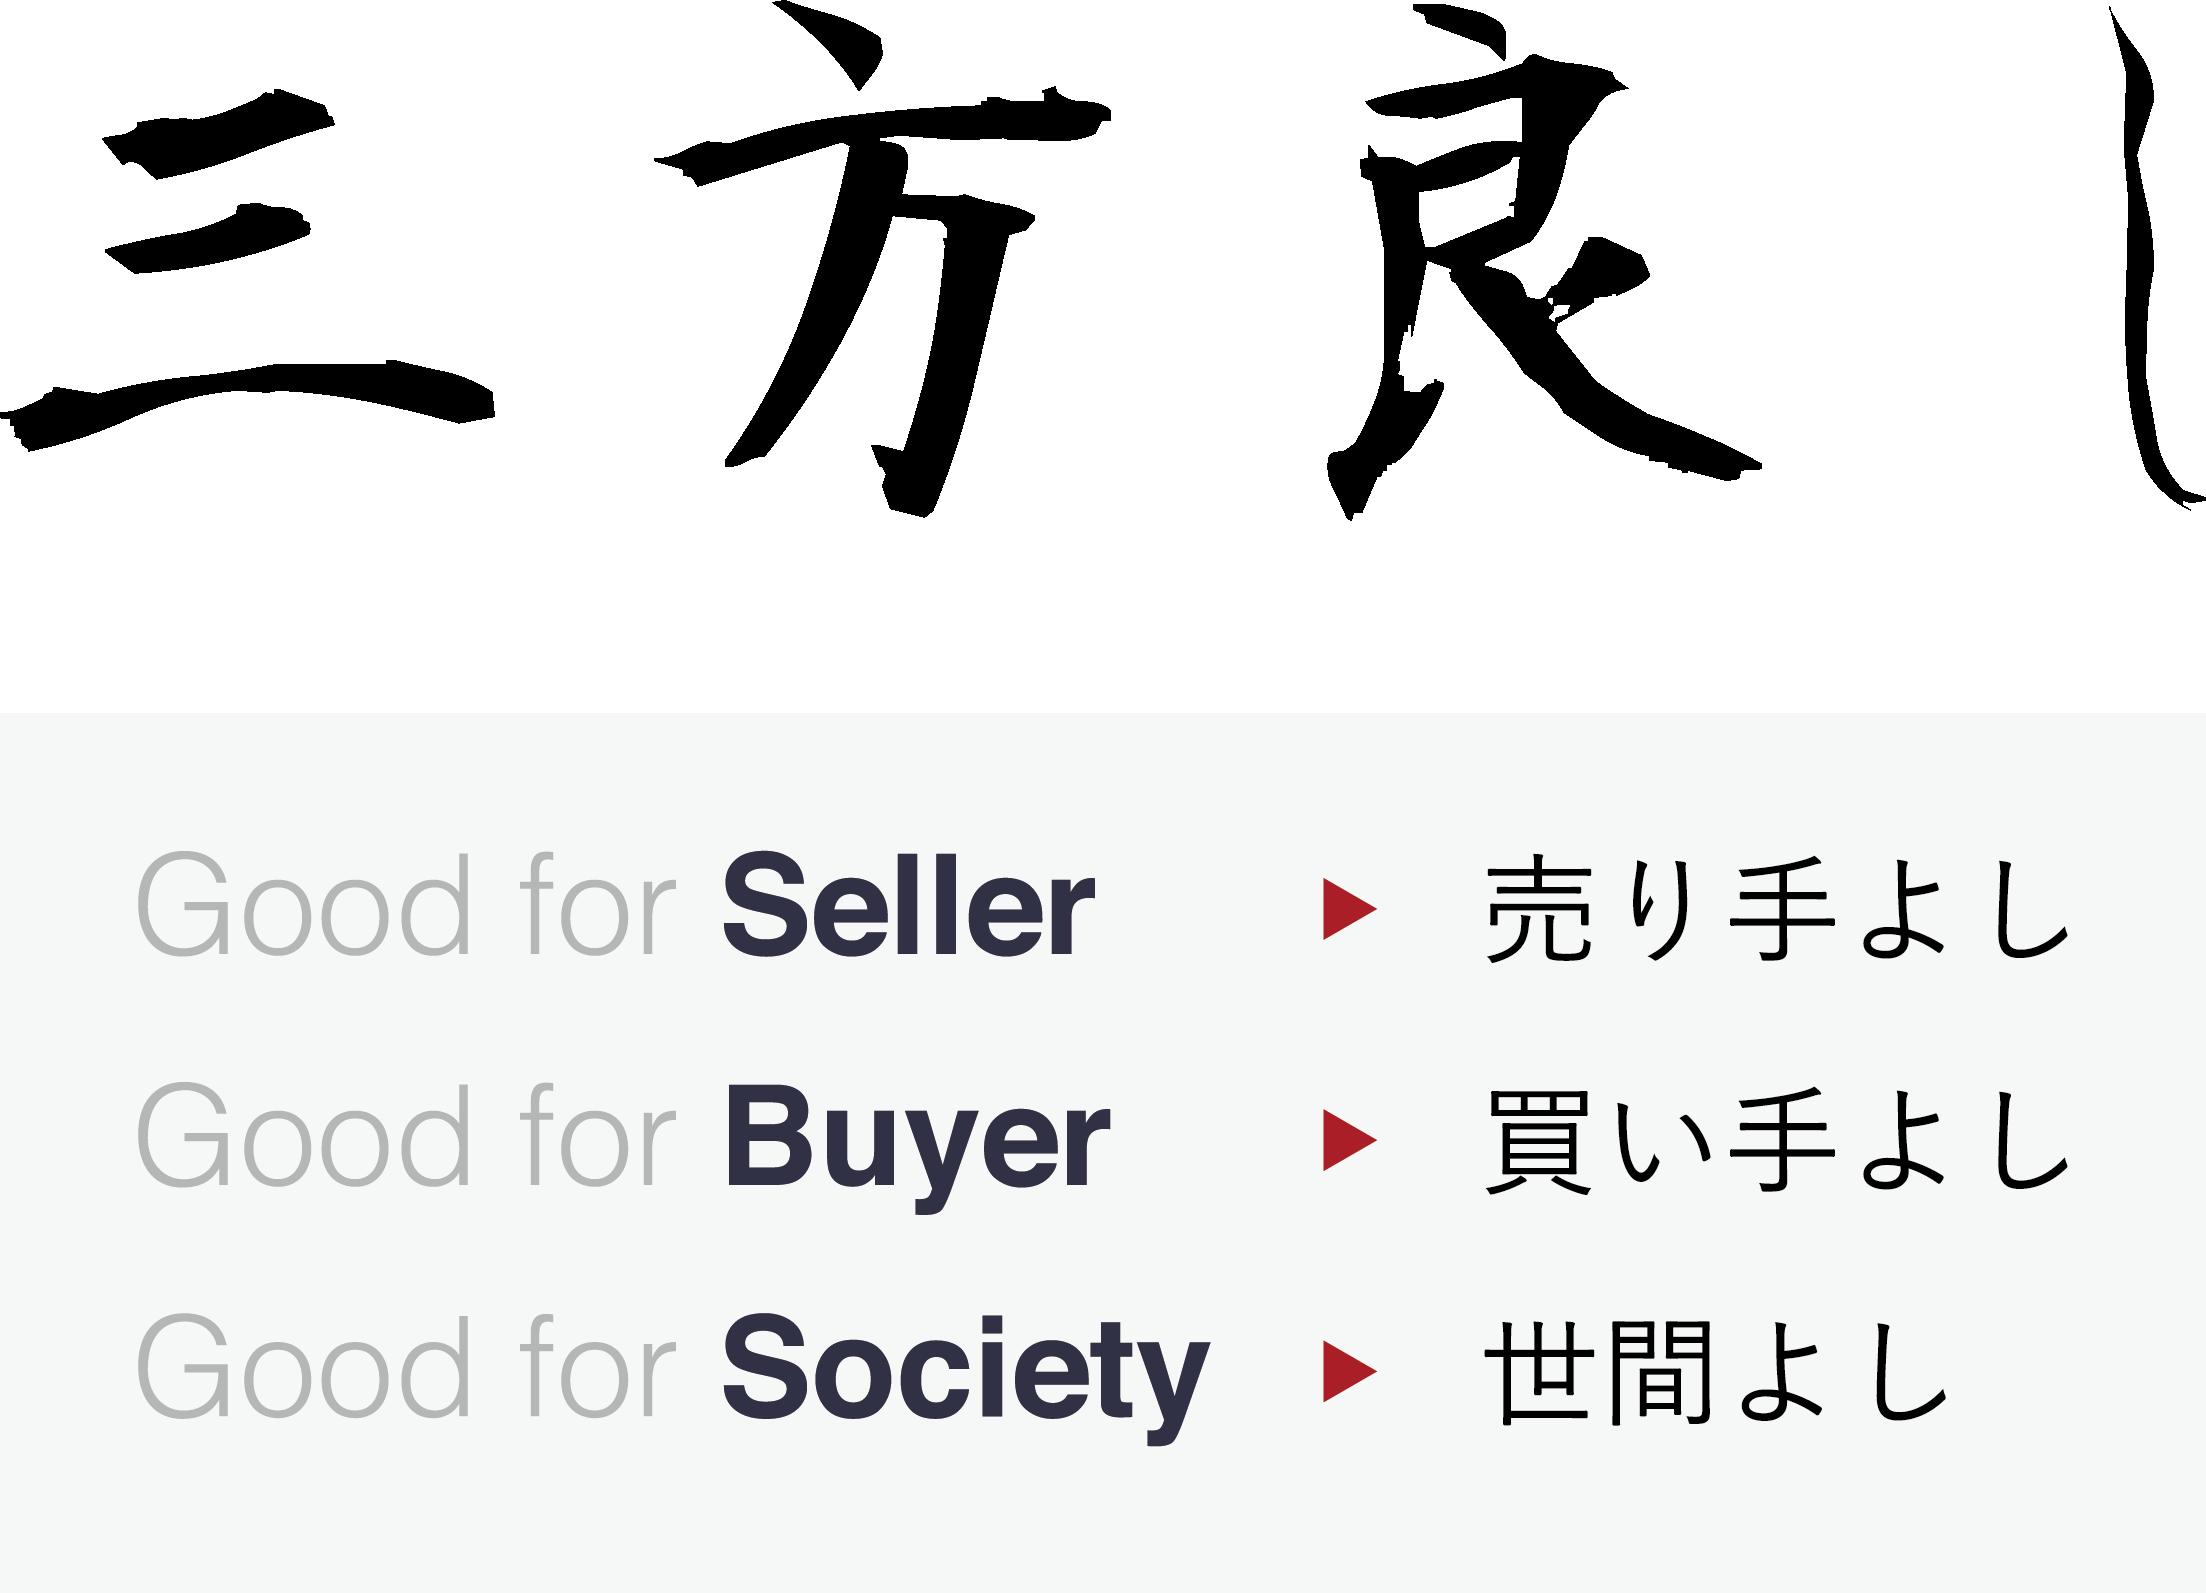 三方よし 売りてよし 買い手よし 世間よし